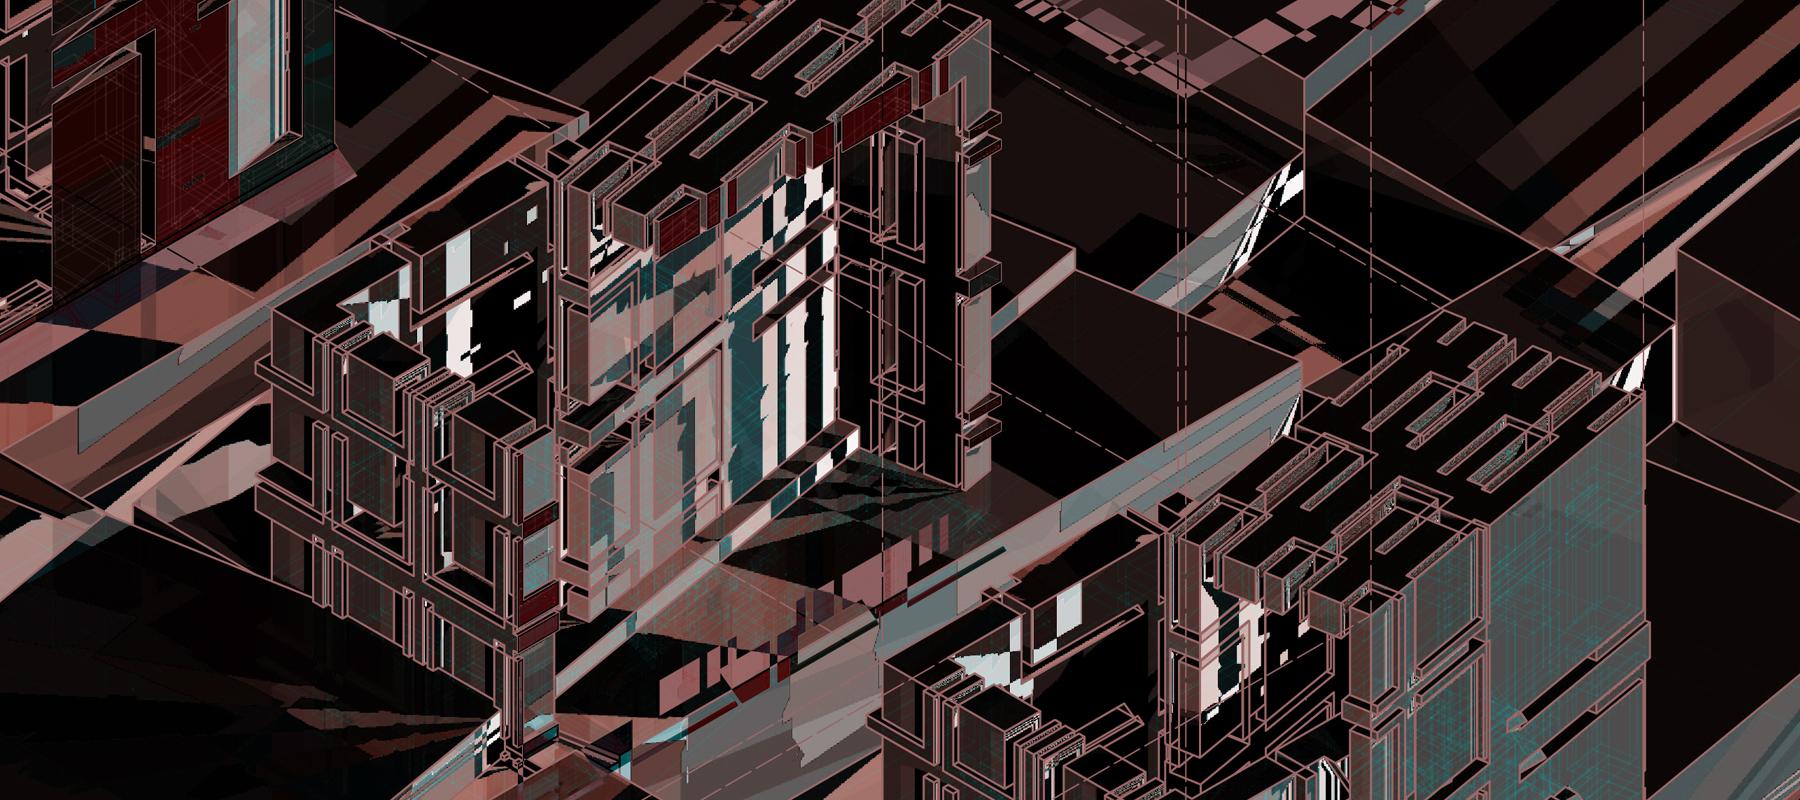 shadowbox_v2-large.jpg